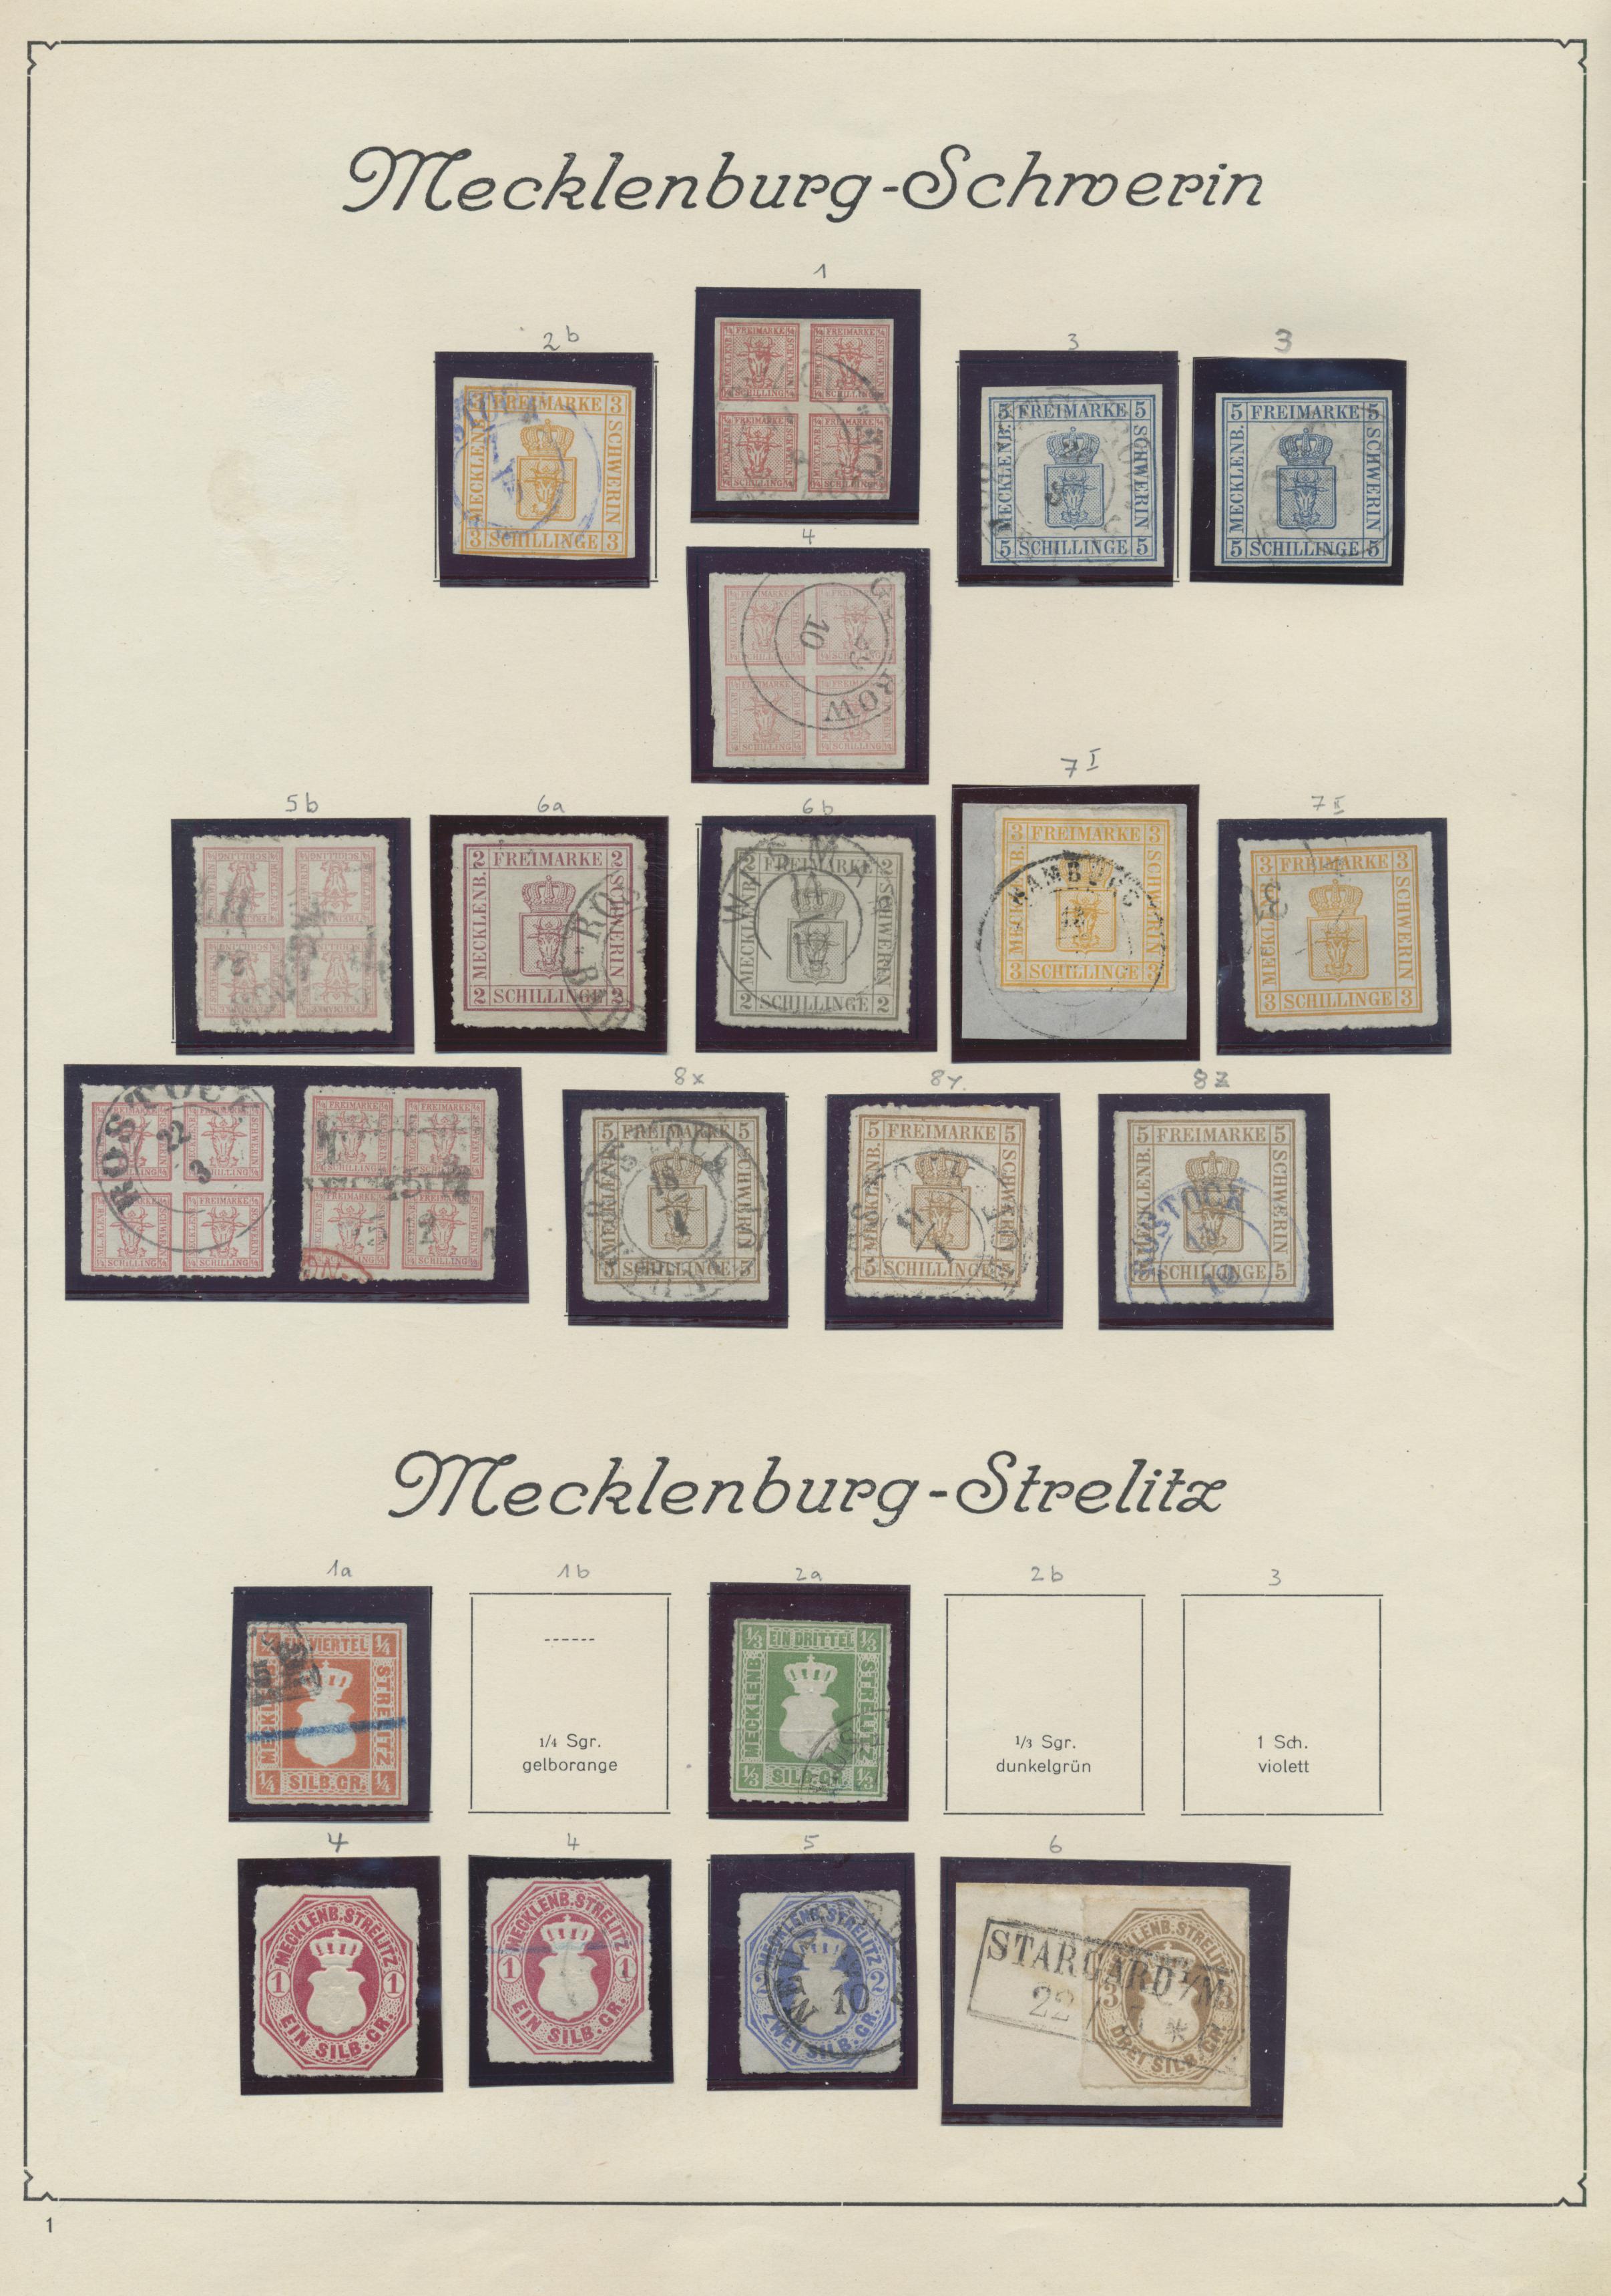 Lot 36262 - Mecklenburg-Schwerin - Marken und Briefe  -  Auktionshaus Christoph Gärtner GmbH & Co. KG Sale #44 Collections Germany